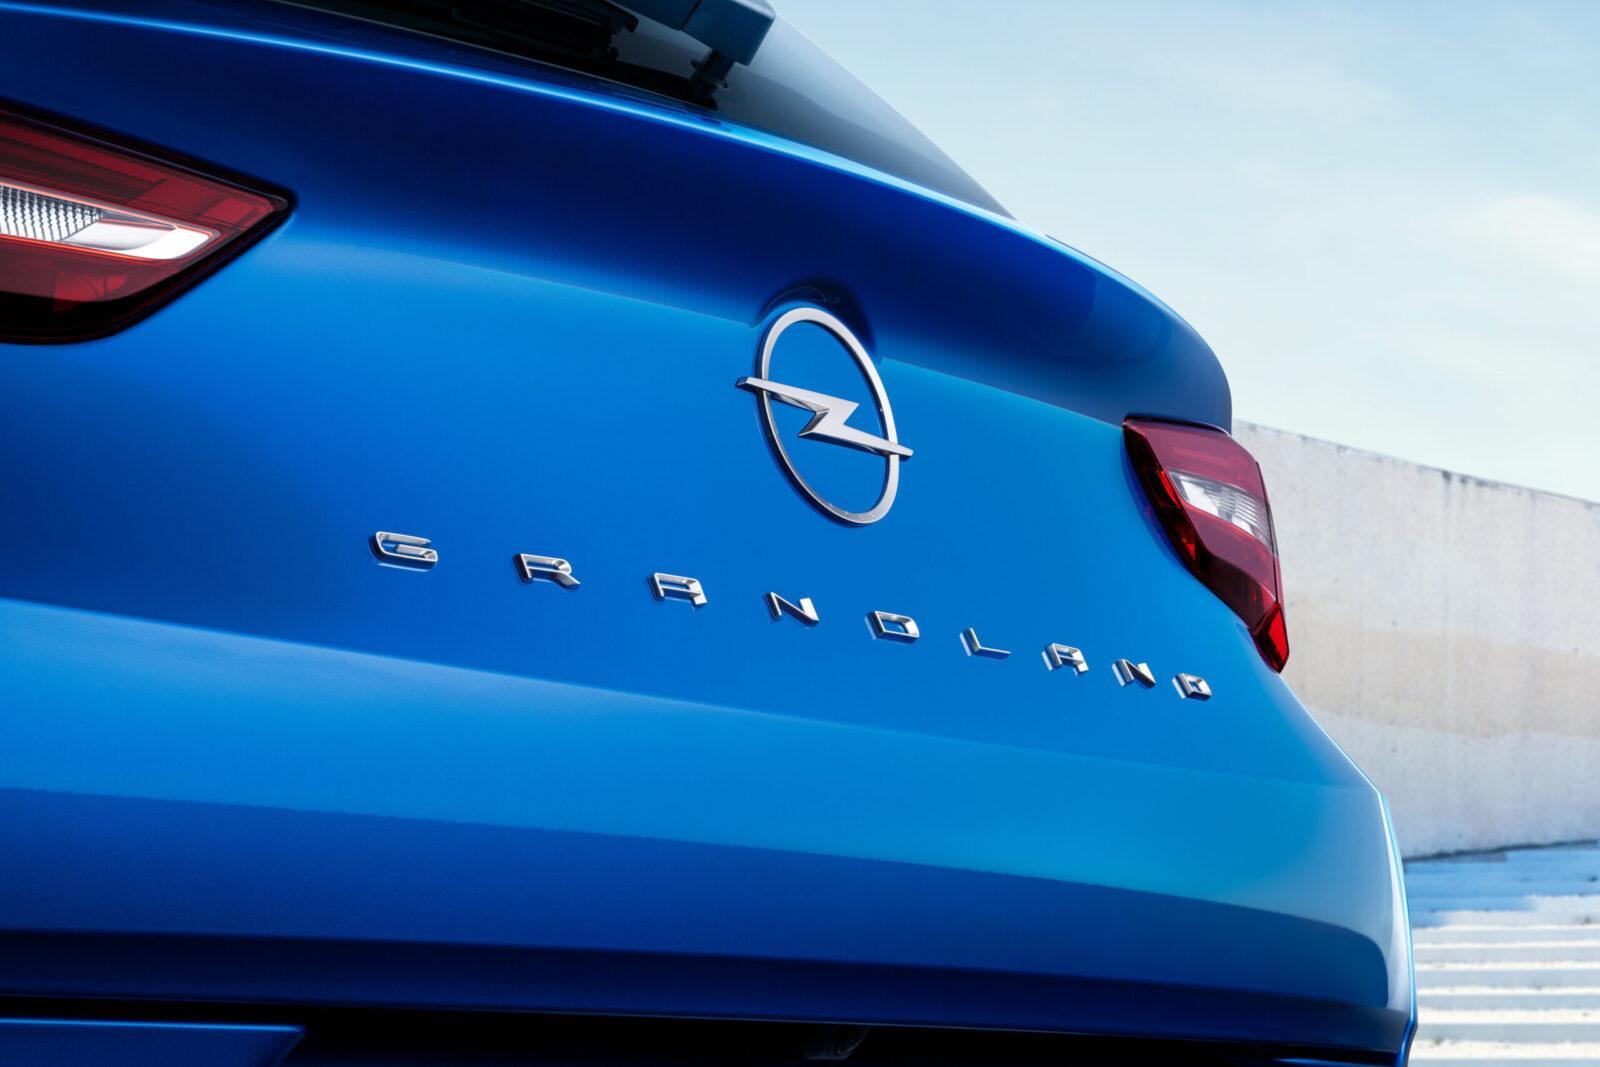 Opel сделала новый электромобиль Grandland - смелый дизайн и передовые технологии (novyj opel grandland 10 scaled)